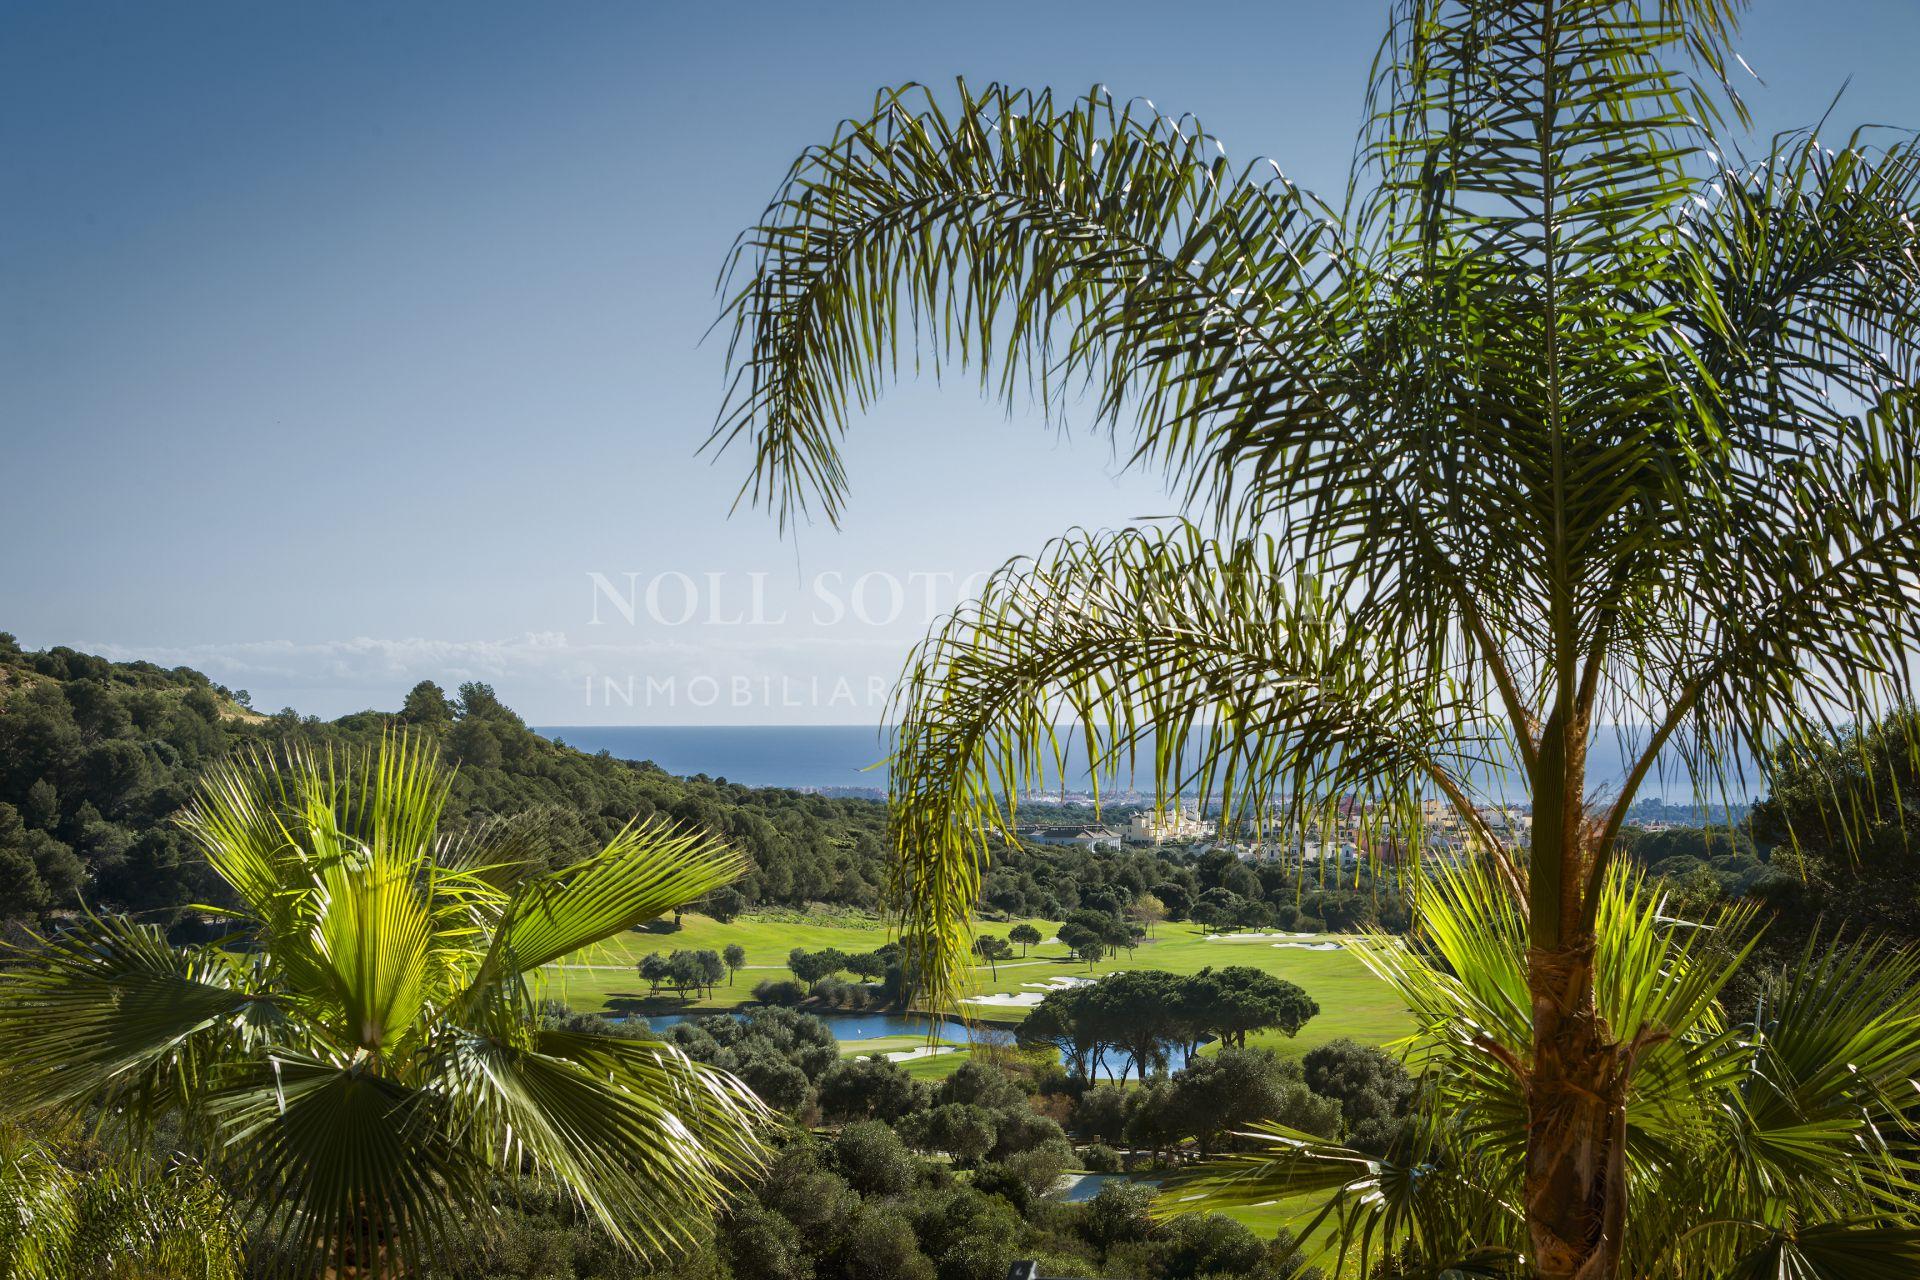 Las mejores vistas al mar de La Reserva de Sotogrande.